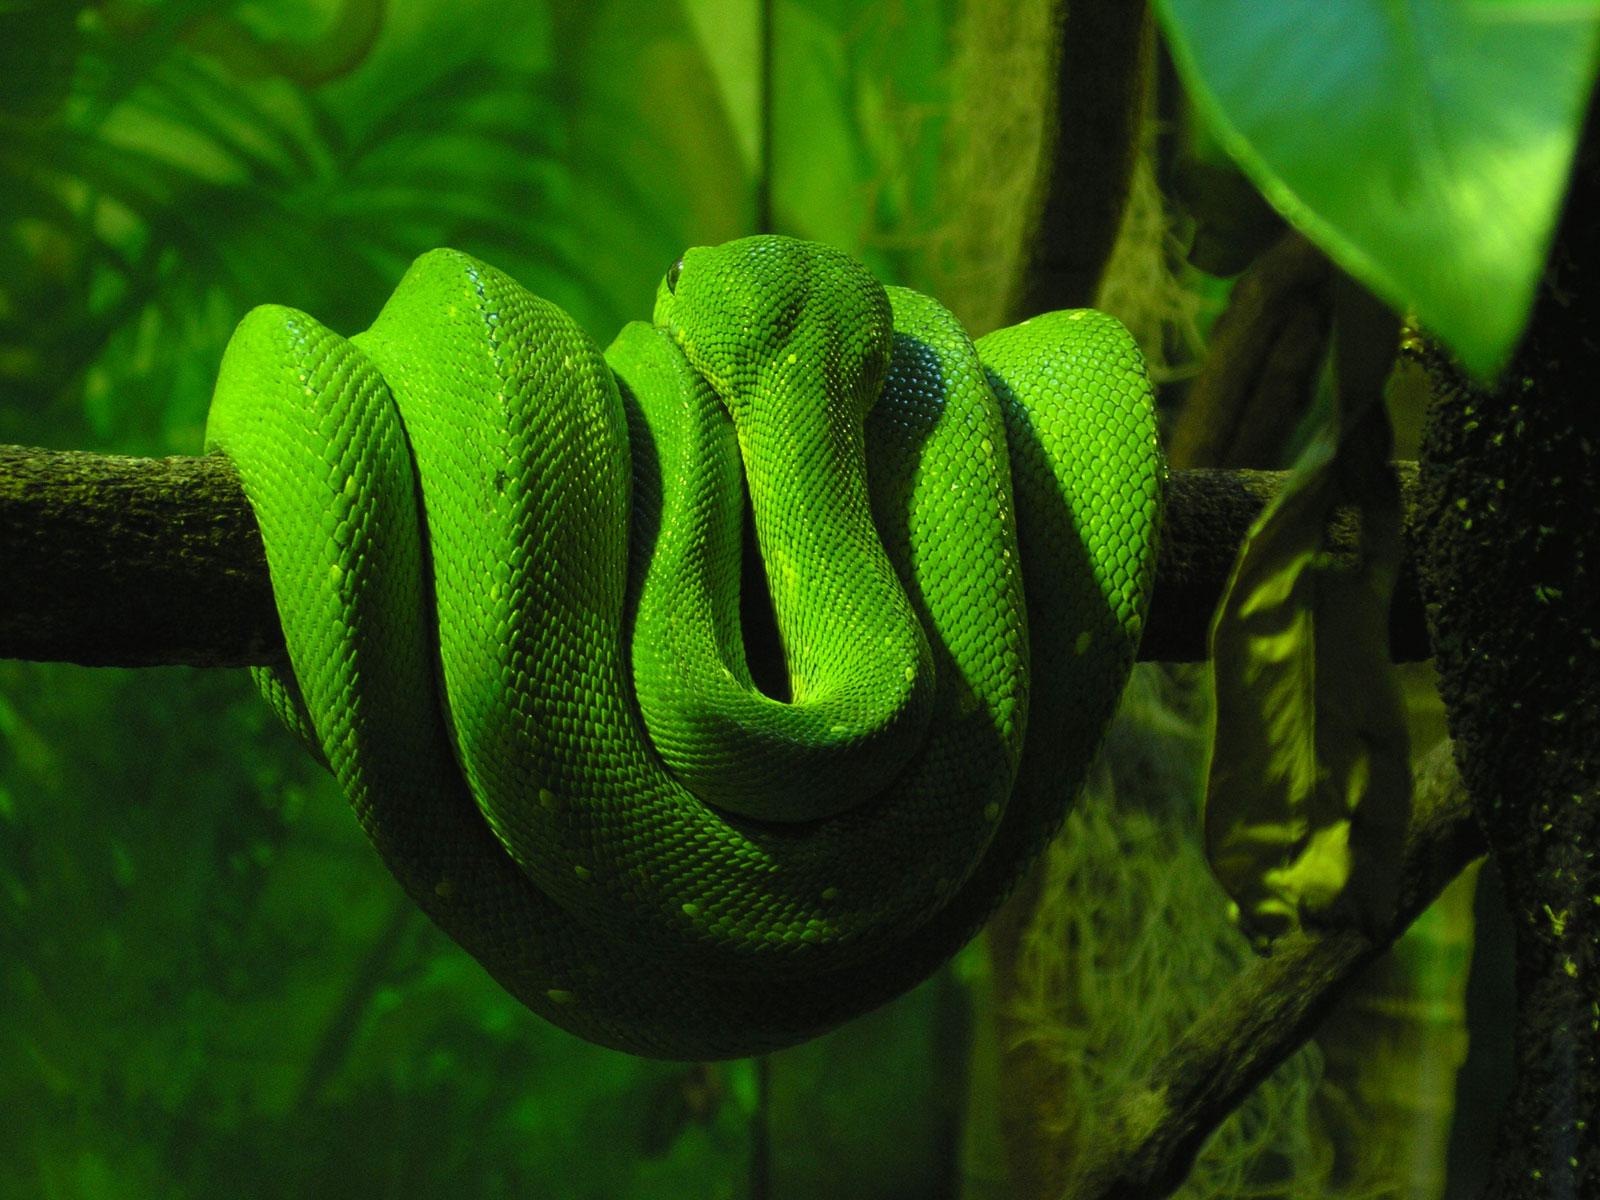 snake, wallpaper, обои на рабочий стол, скачать бесплатно